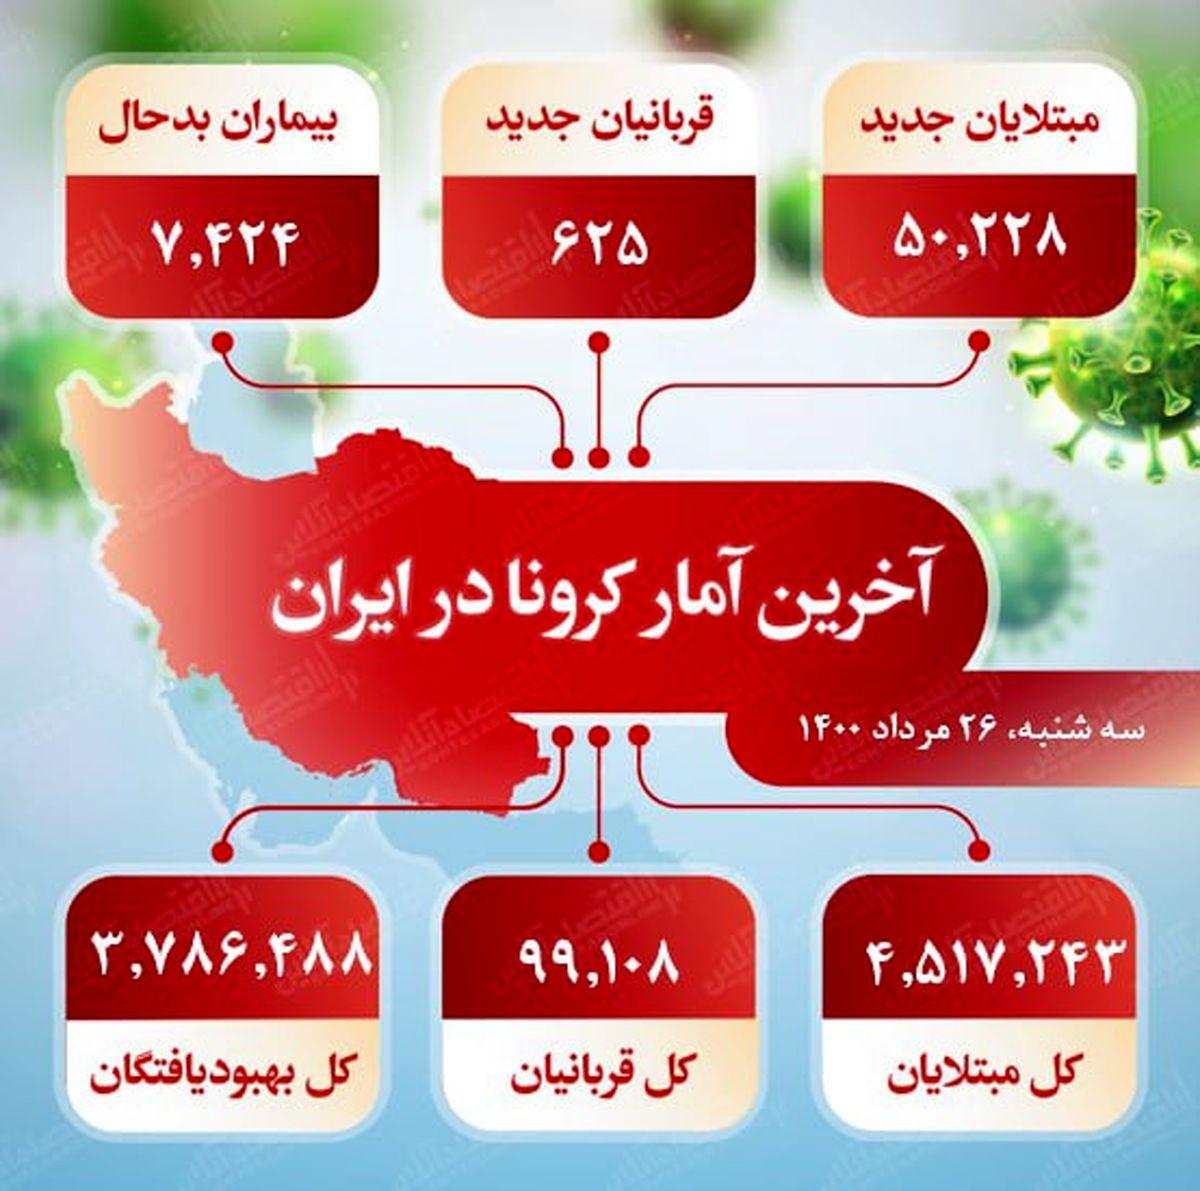 آخرین آمار کرونا در ایران (۱۴۰۰/۵/۲۶)